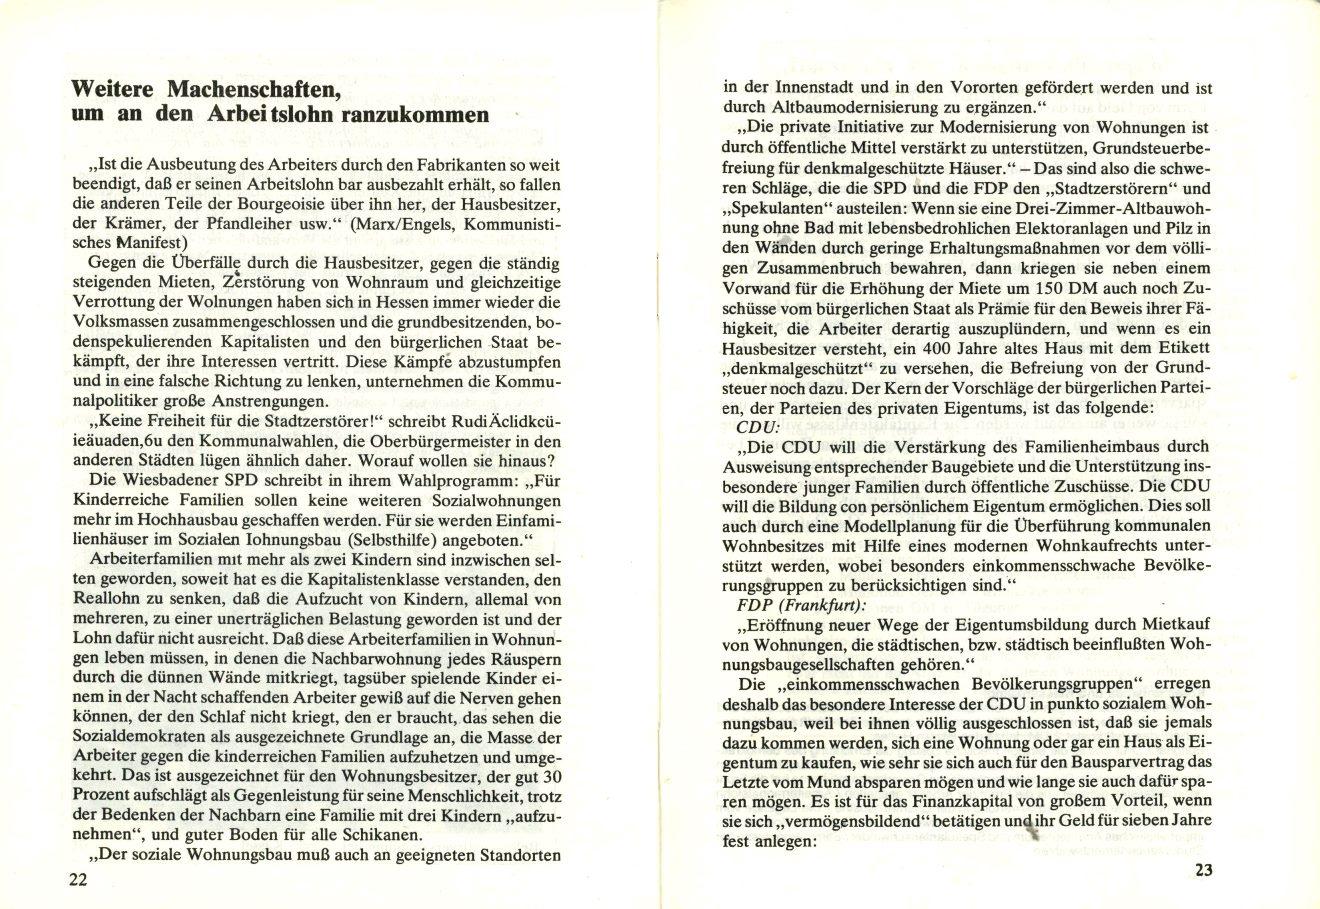 Frankfurt_KBW_Finanzkapital_Stadtparlament_1977_13